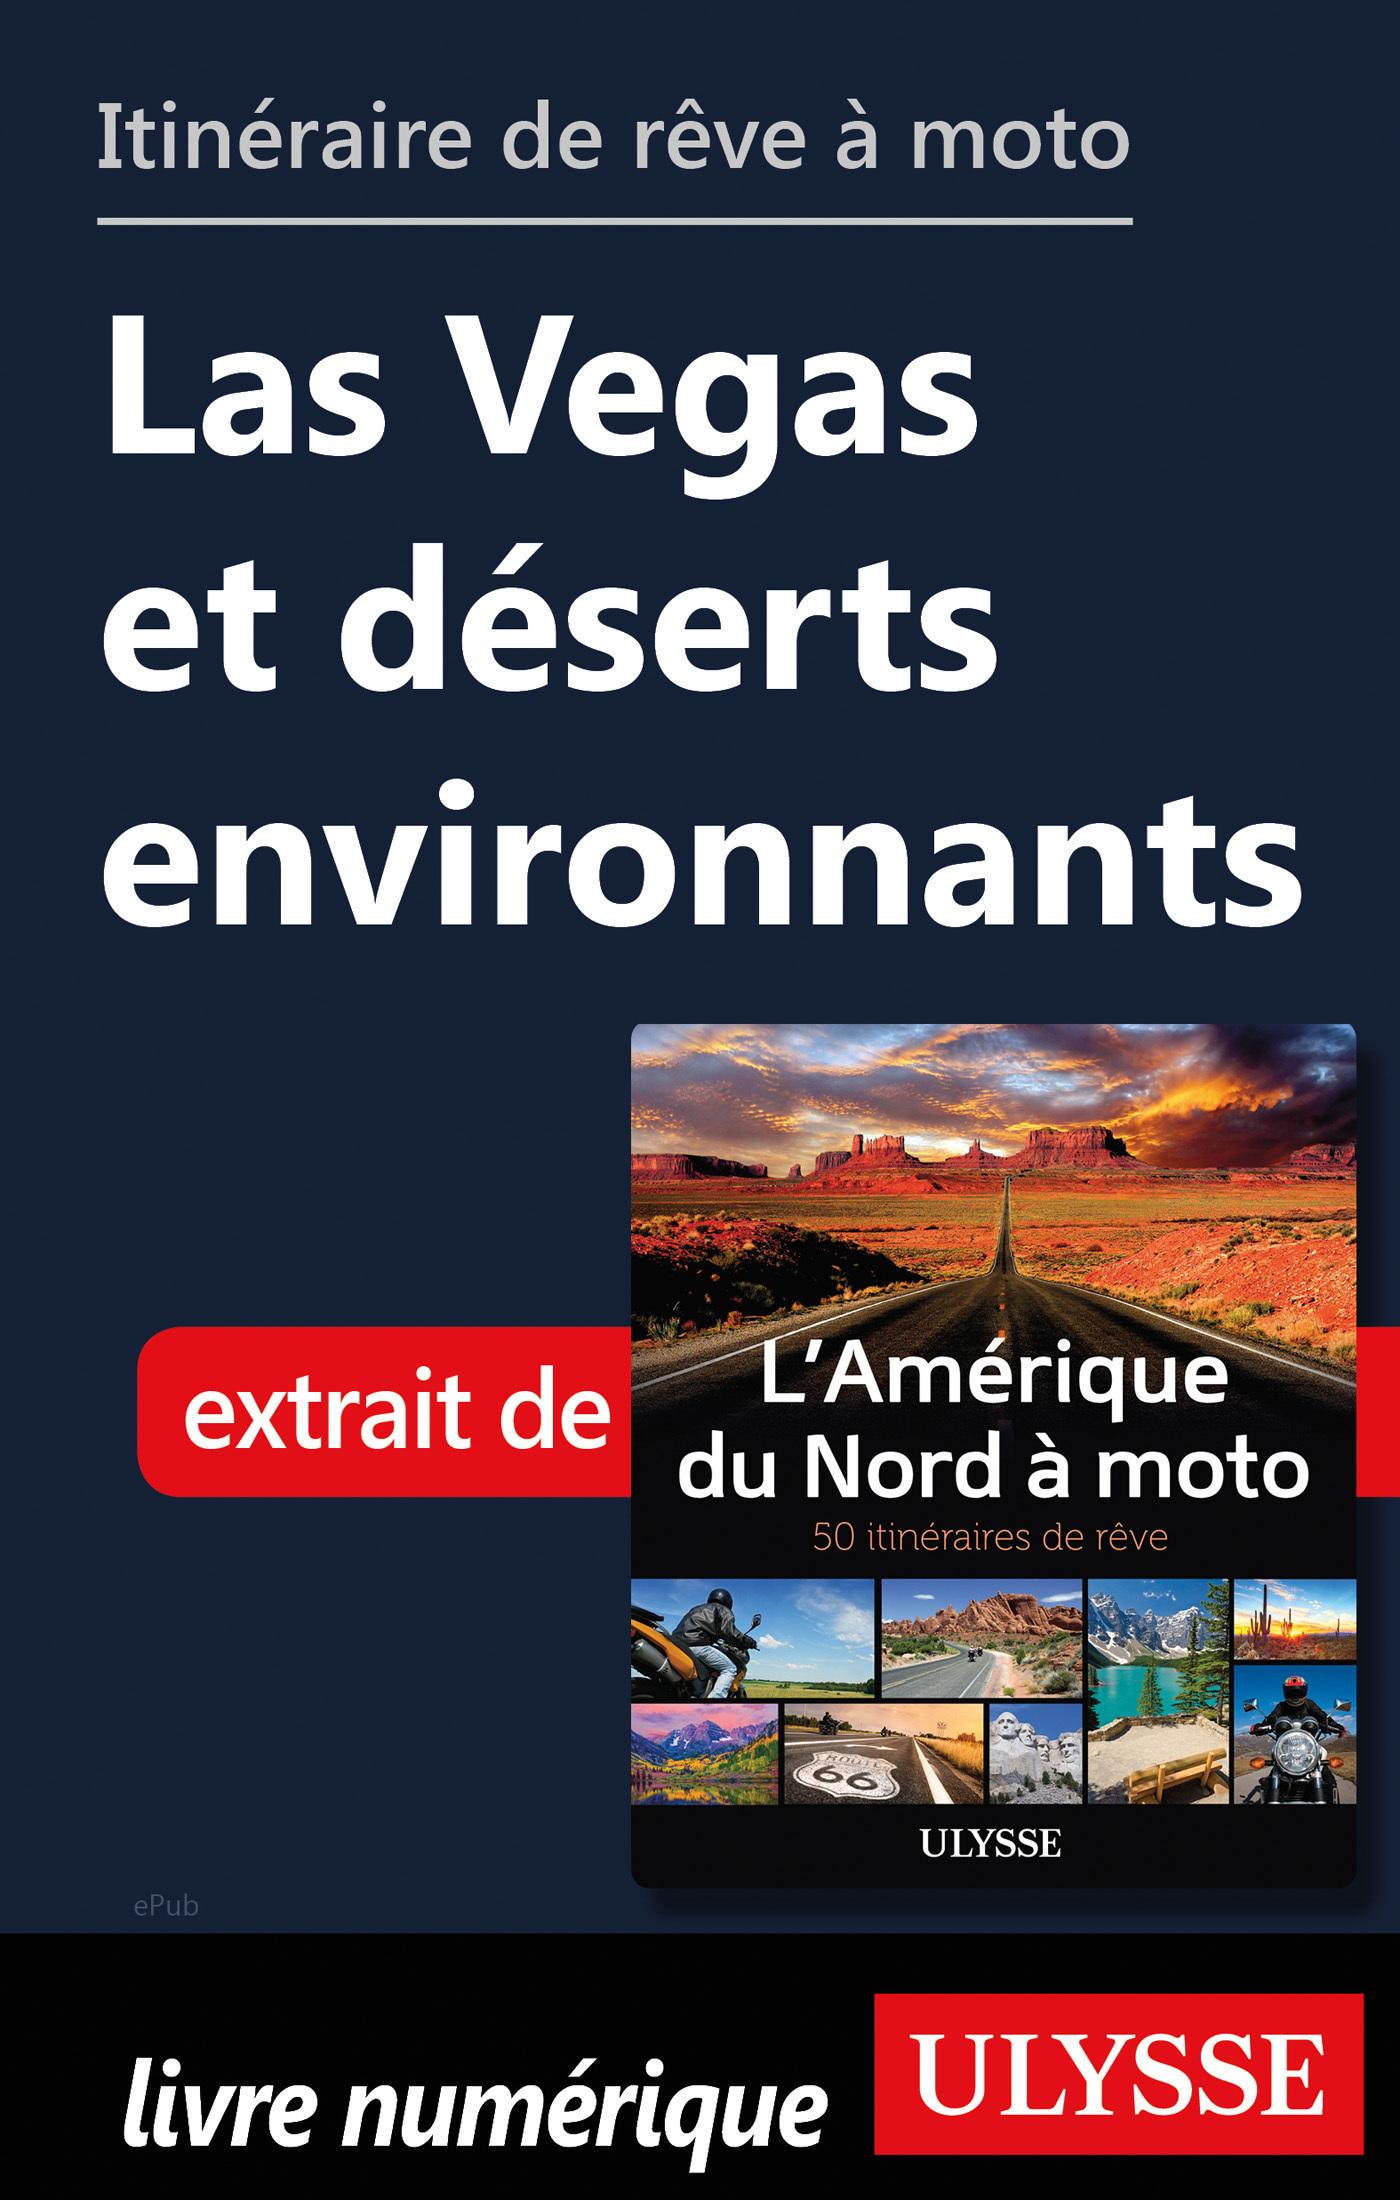 Itinéraire de rêve à moto - Las Vegas et déserts environnants